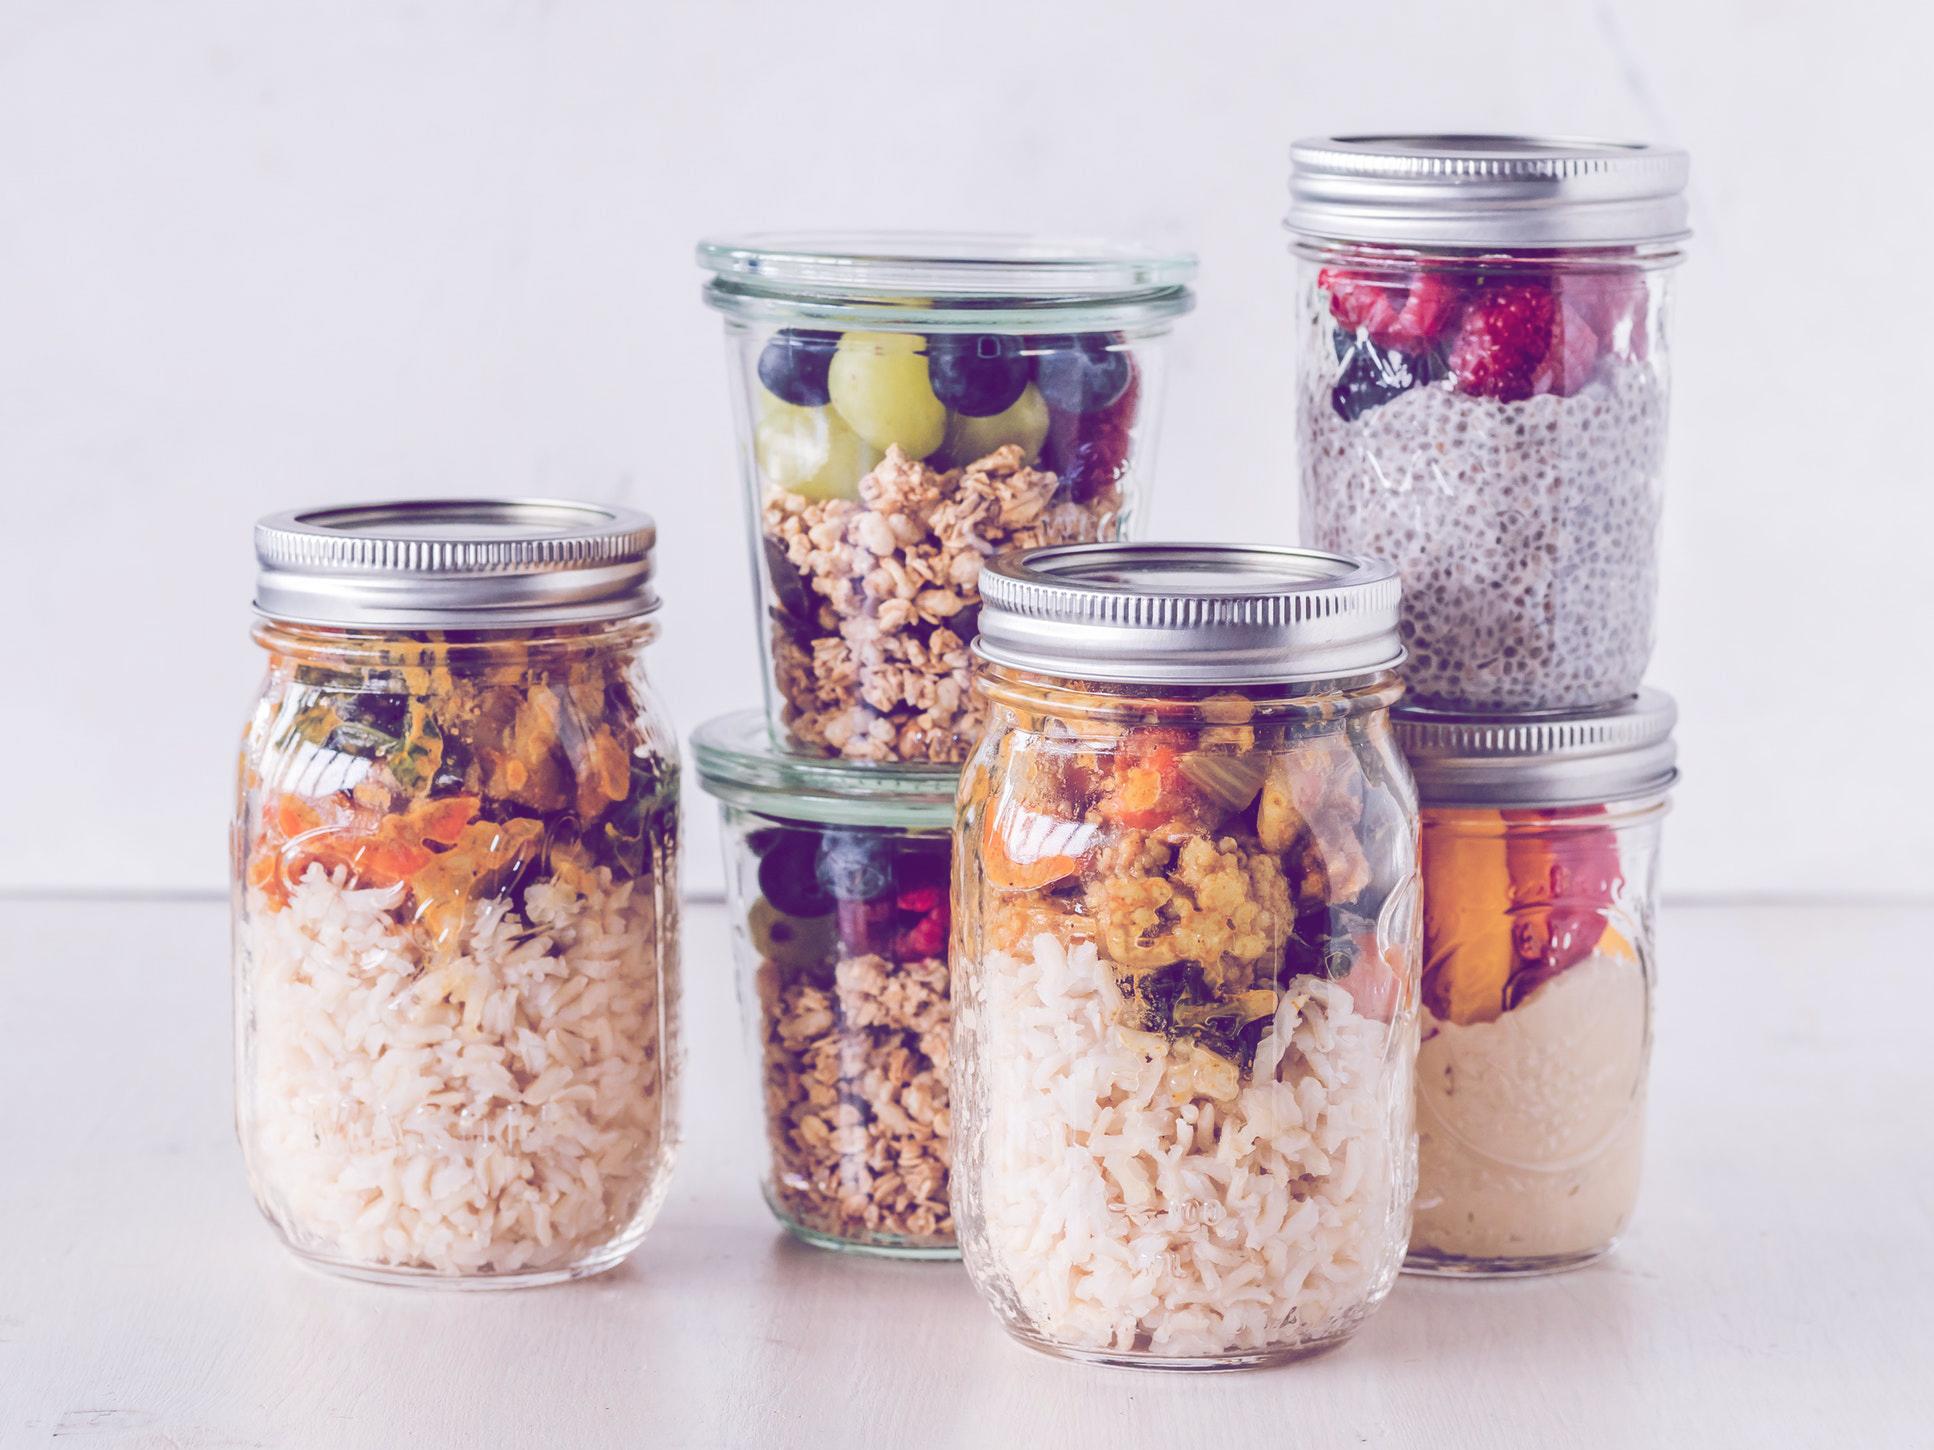 23 geniale Ideen, wie du Lebensmittelreste verwerten kannst | desired.de